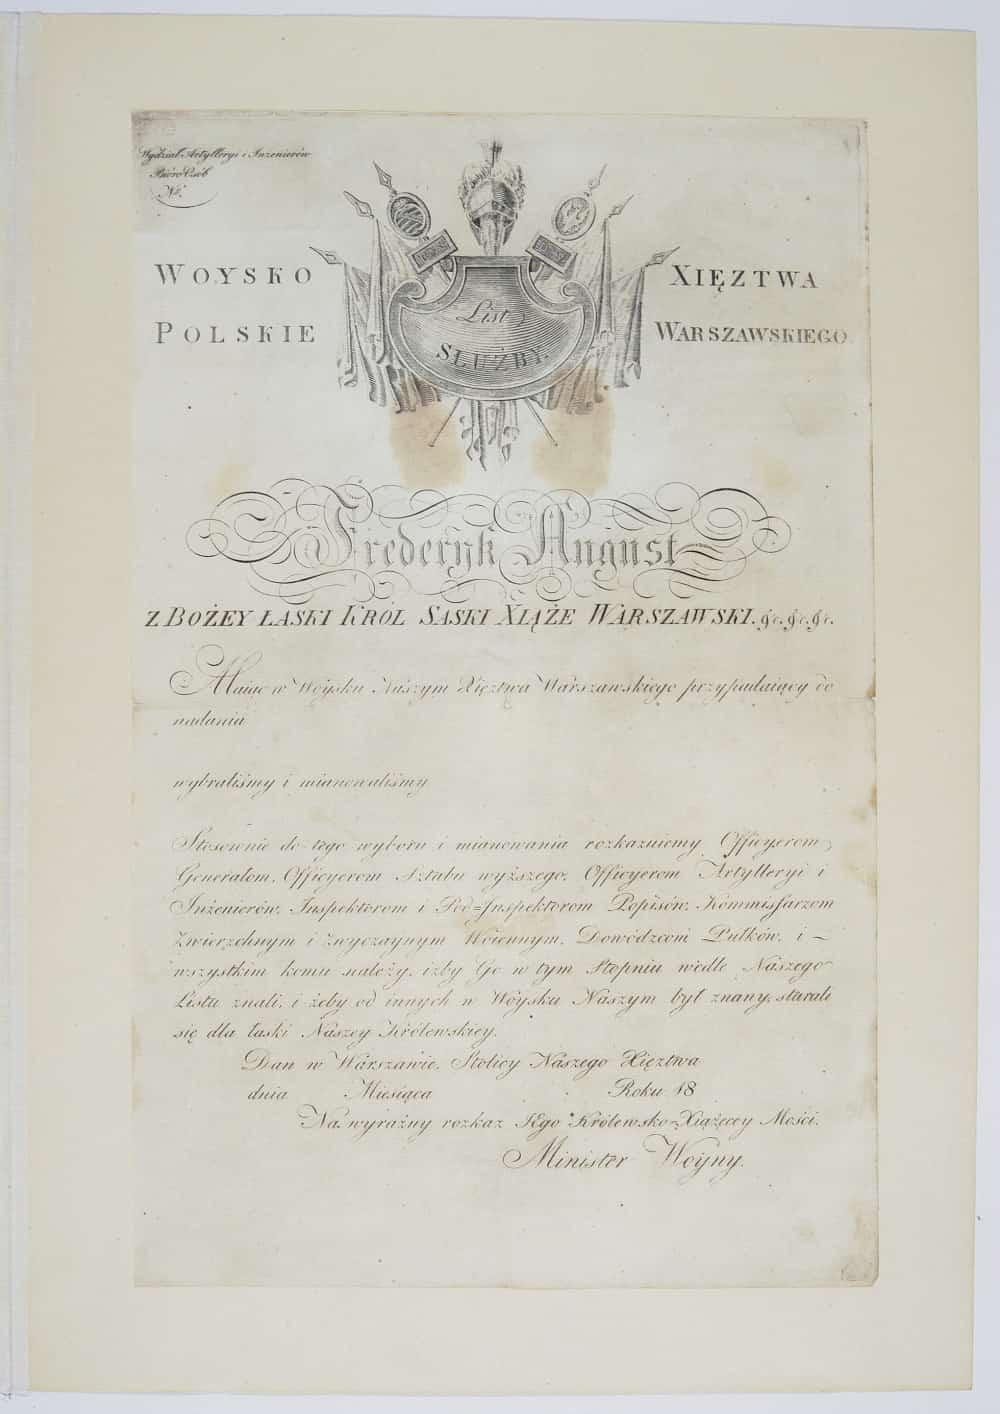 Wojsko Polskie Księstwa Warszawskiego - list służby (1807-15). Źródło: Polona